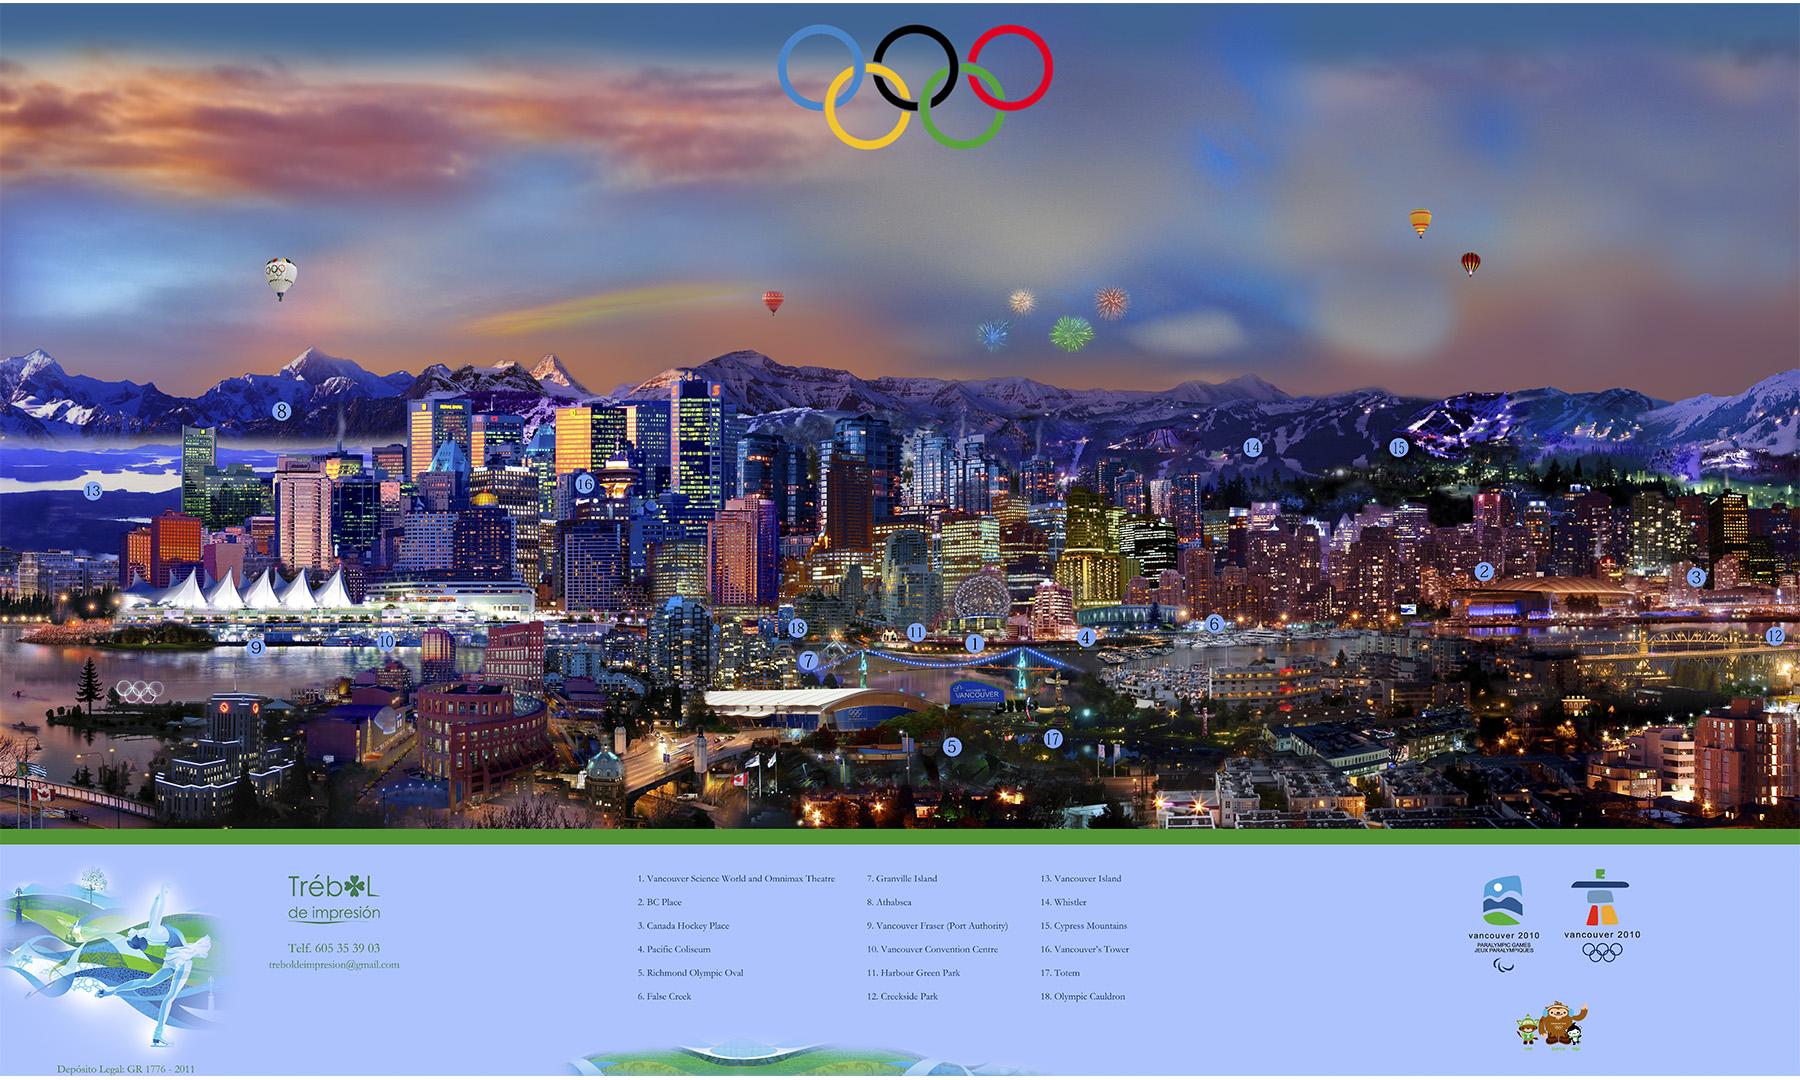 Carlos_David_Illecas_0002_Vancouver JPG